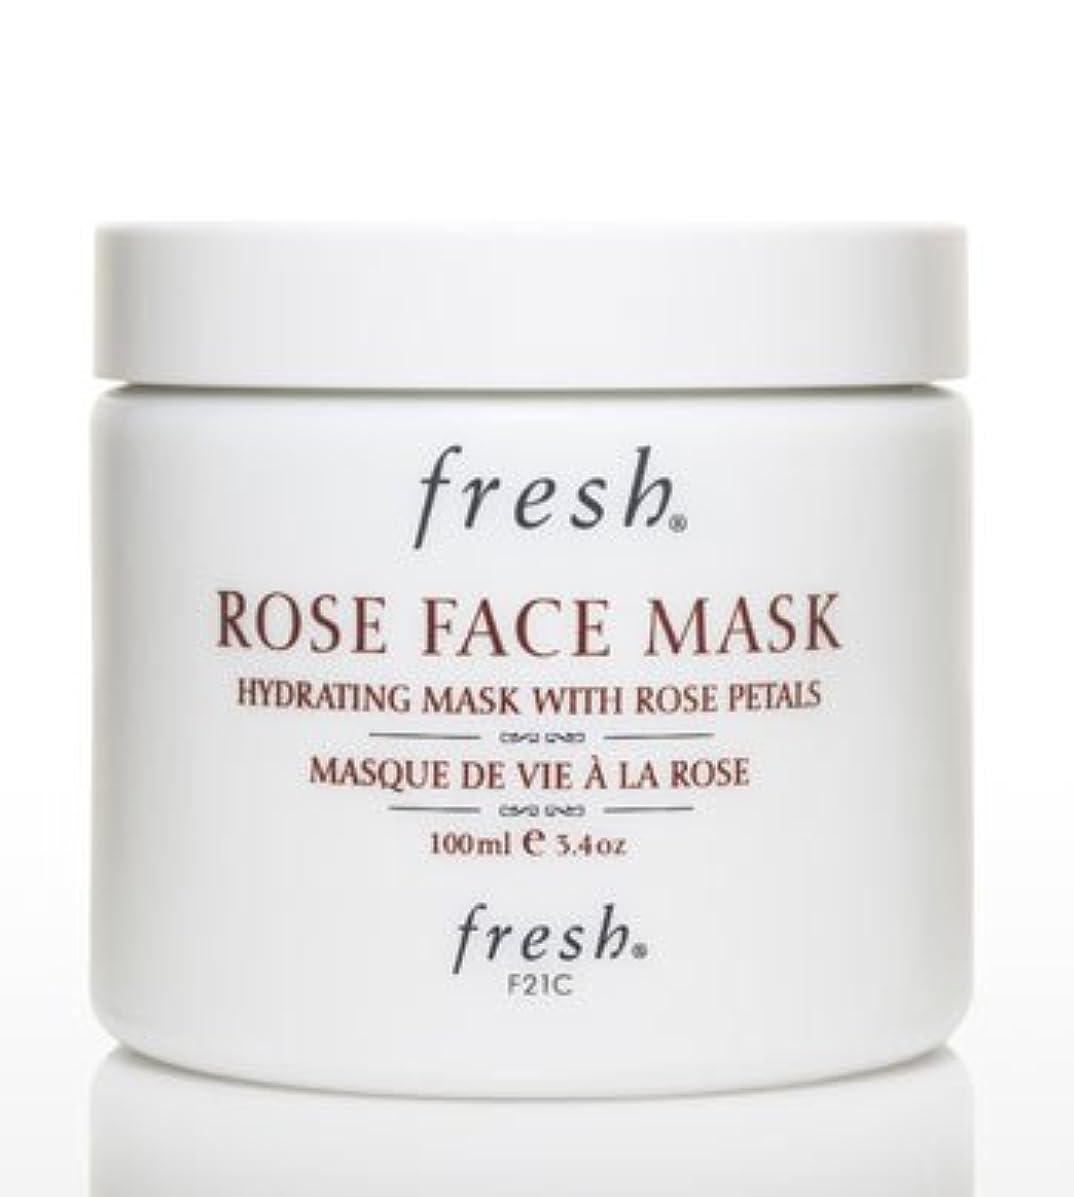 優先拷問りんごFresh ROSE FACE MASK (フレッシュ ローズフェイスマスク) 3.4 oz (100g) by Fresh for Women